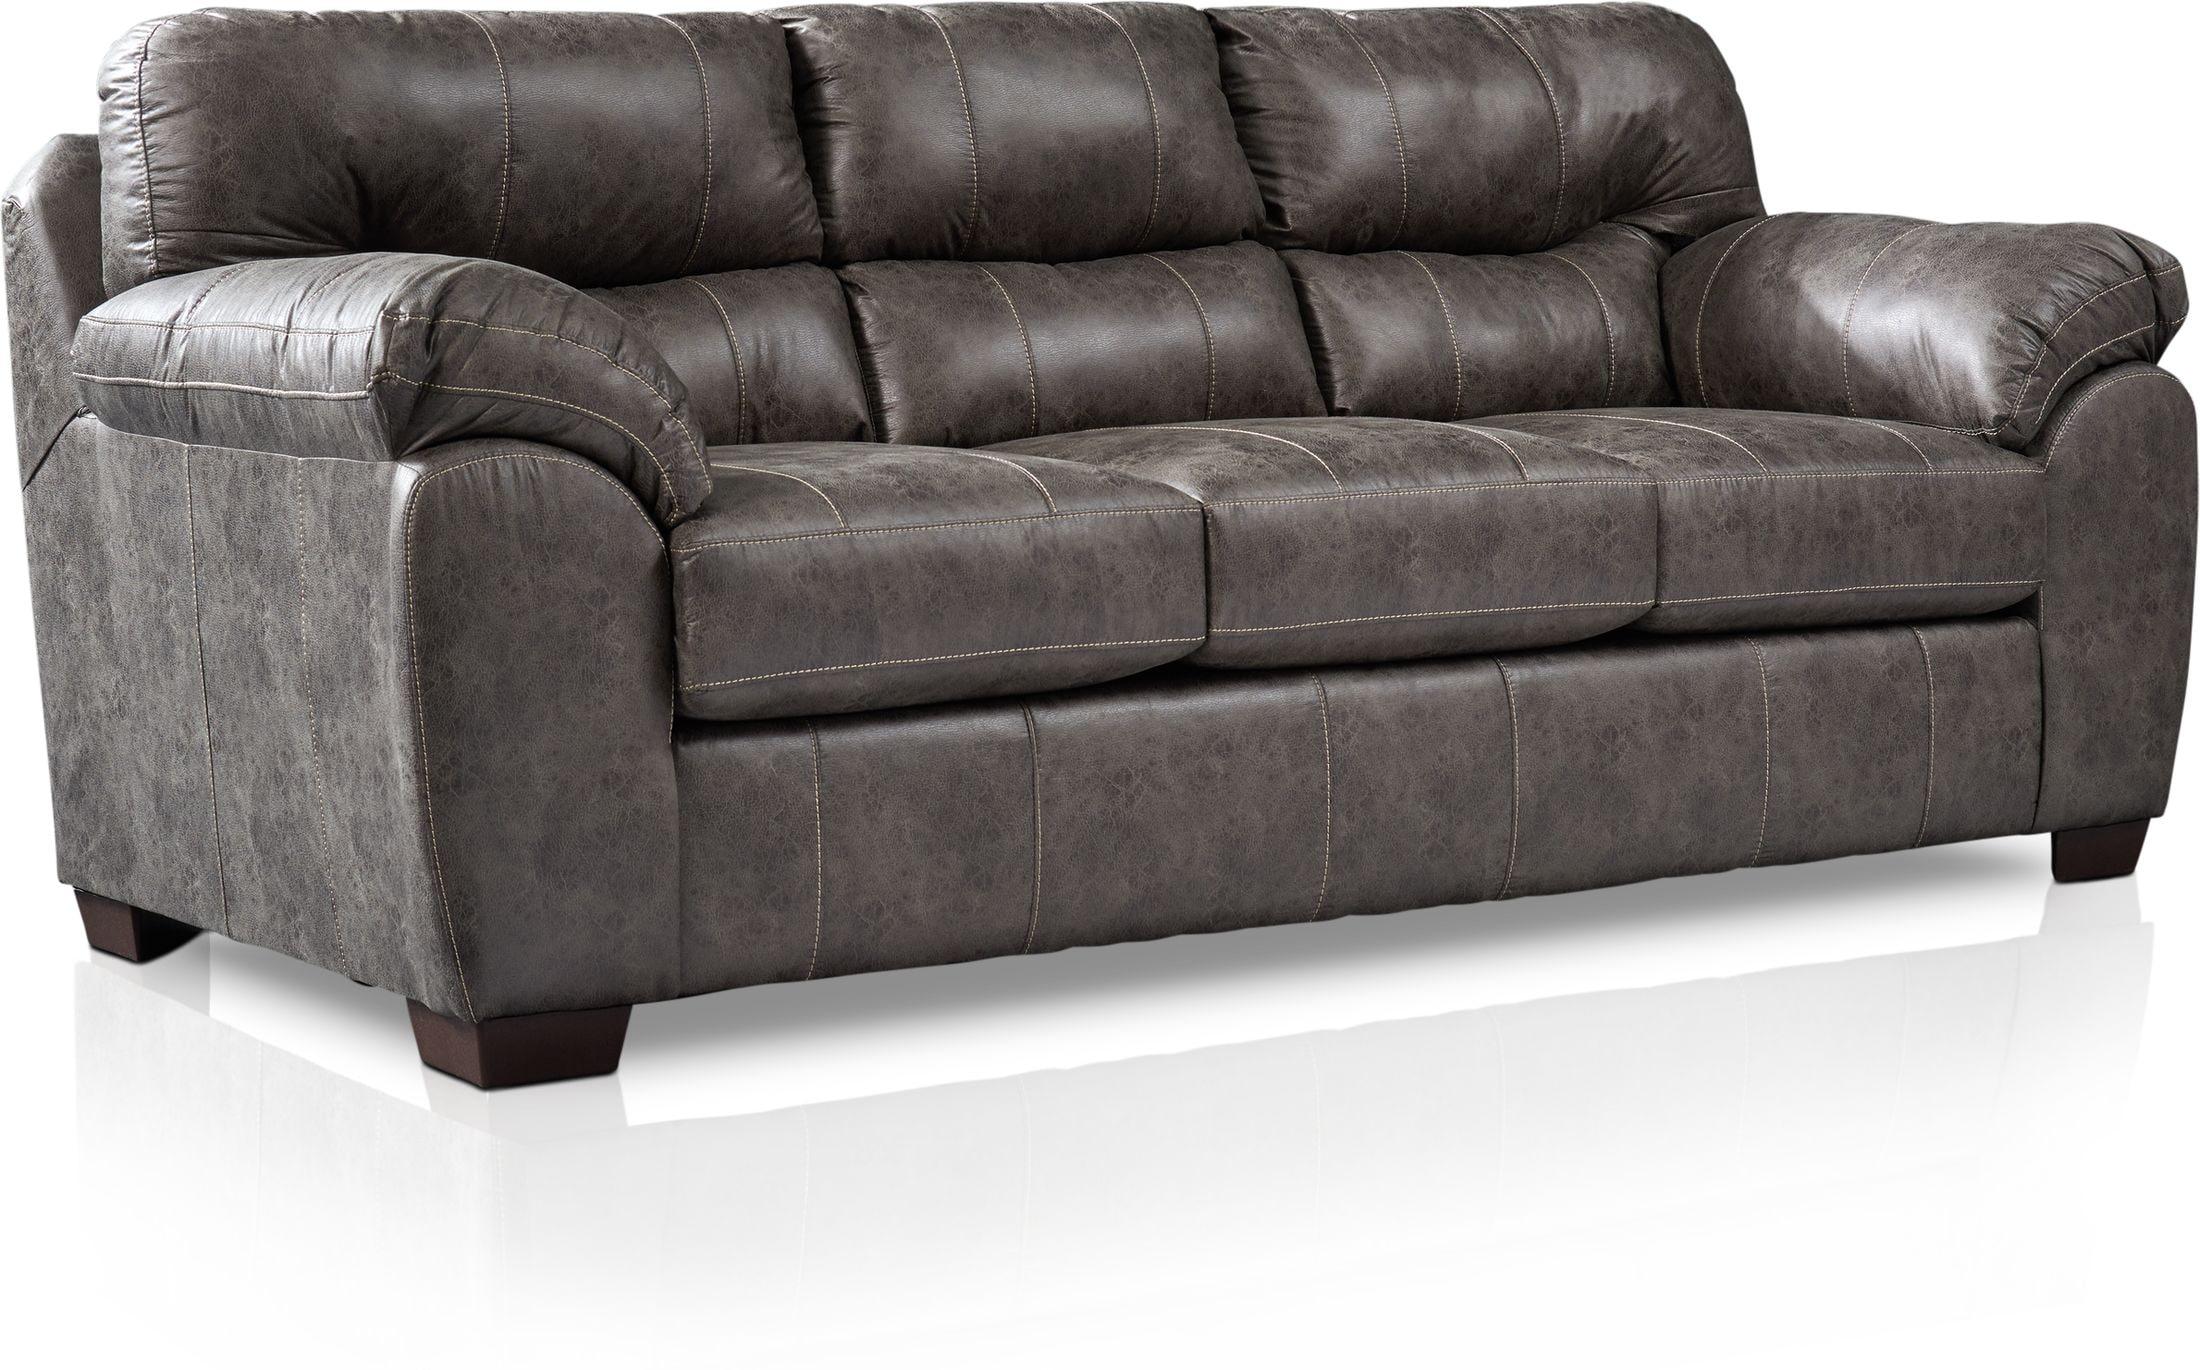 Living Room Furniture - Bennett Sofa